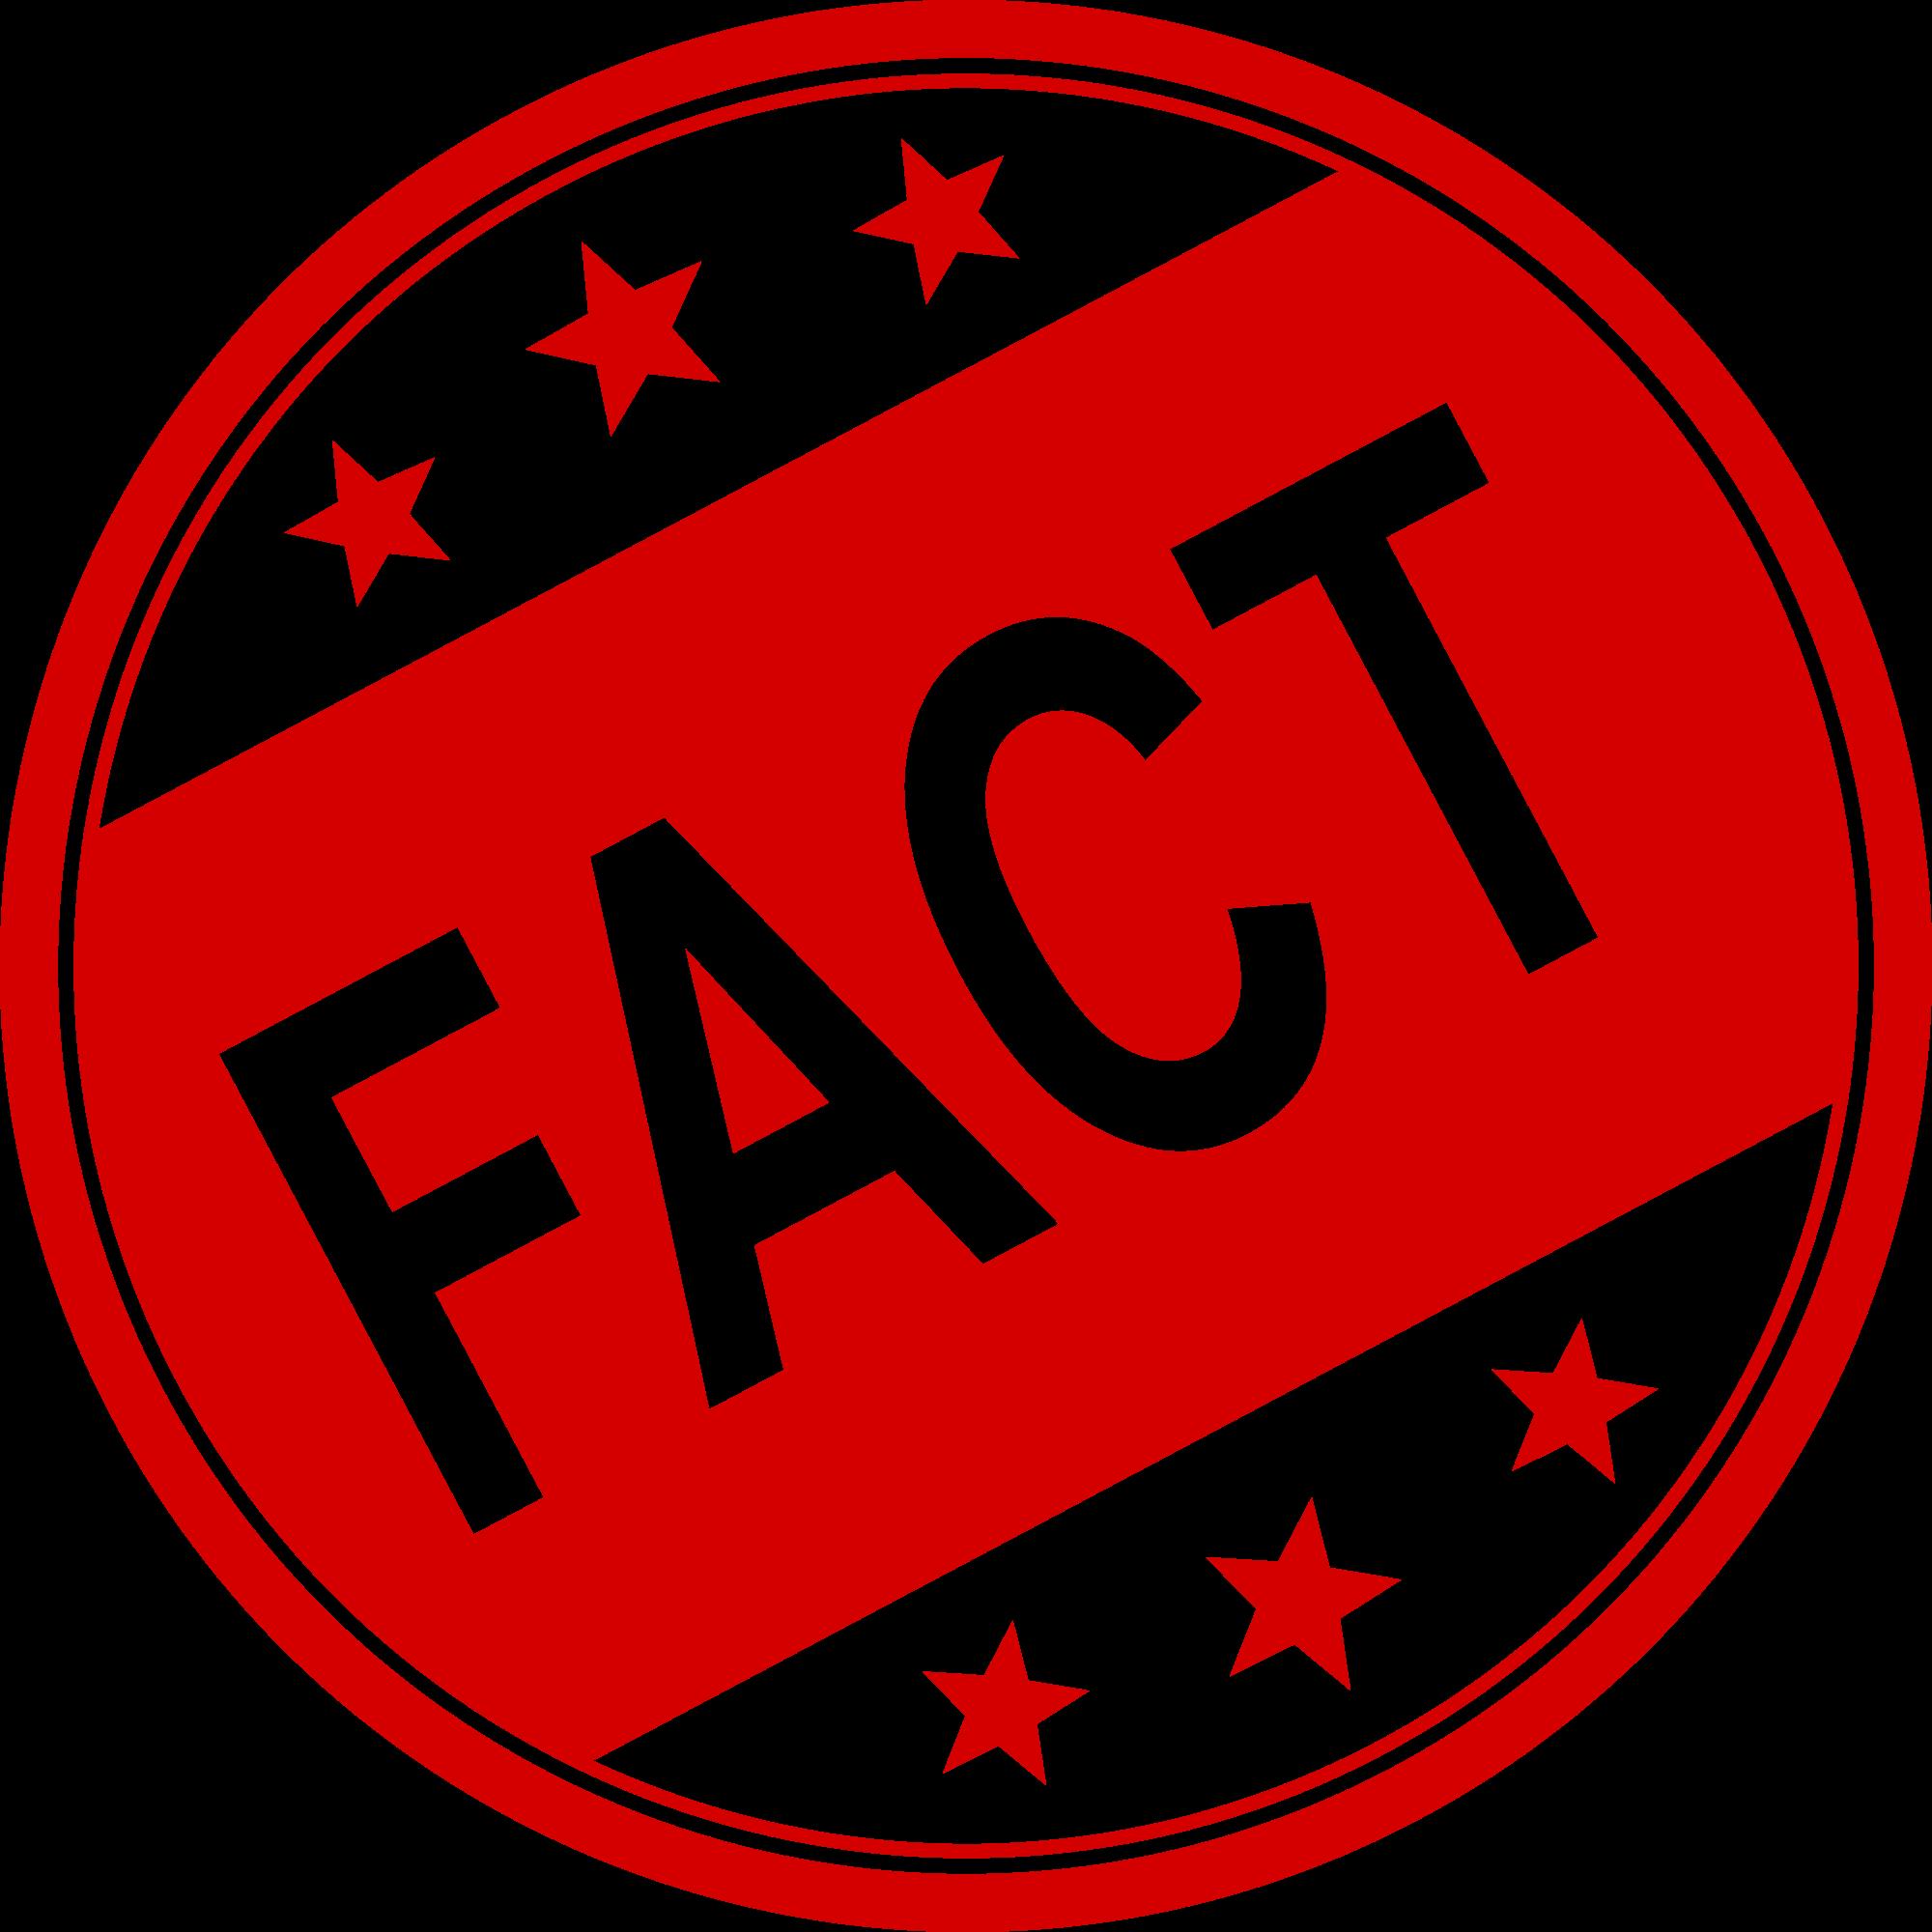 Ͽ� Ͽ� Ͽ� Ͽ� Ͽ� Ͽ� Ͽ� Ͽ� Ͽ� Ͽ� Ͽ� Ͽ� Ͽ� Ͽ� Ͽ� Ͽ� Ͽ� Ͽ� Ͽ� Ͽ� Ͽ� Ͽ� Ͽ� Ͽ� Ͽ� Ͽ� Ͽ� Ͽ� Ͽ� Ͽ� Ͽ� Ͽ� Ͽ� Ͽ� Ͽ� Ͽ� Ͽ� Ͽ� Ͽ� Ͽ� Ͽ� Ͽ� Ͽ� Ͽ� Ͽ� Ͽ� Ͽ� Ͽ� Ͽ� Png: 4 Fact Stamp (PNG Transparent)